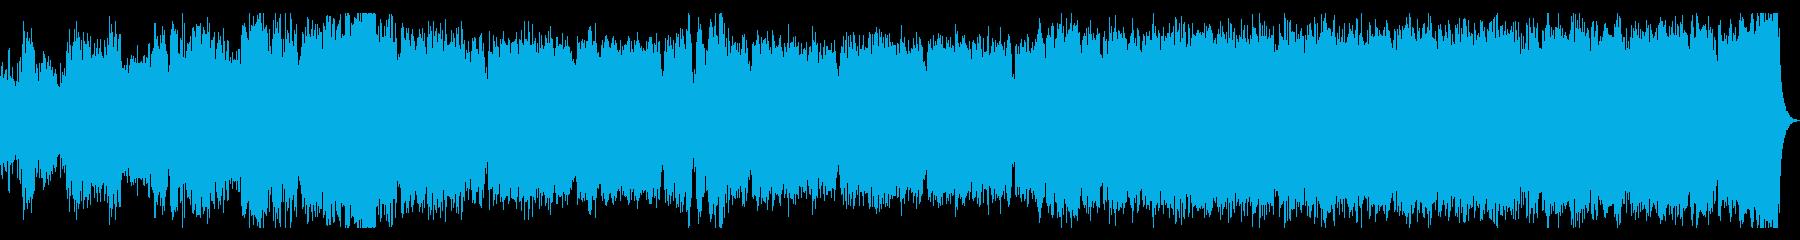 Oni_60secの再生済みの波形